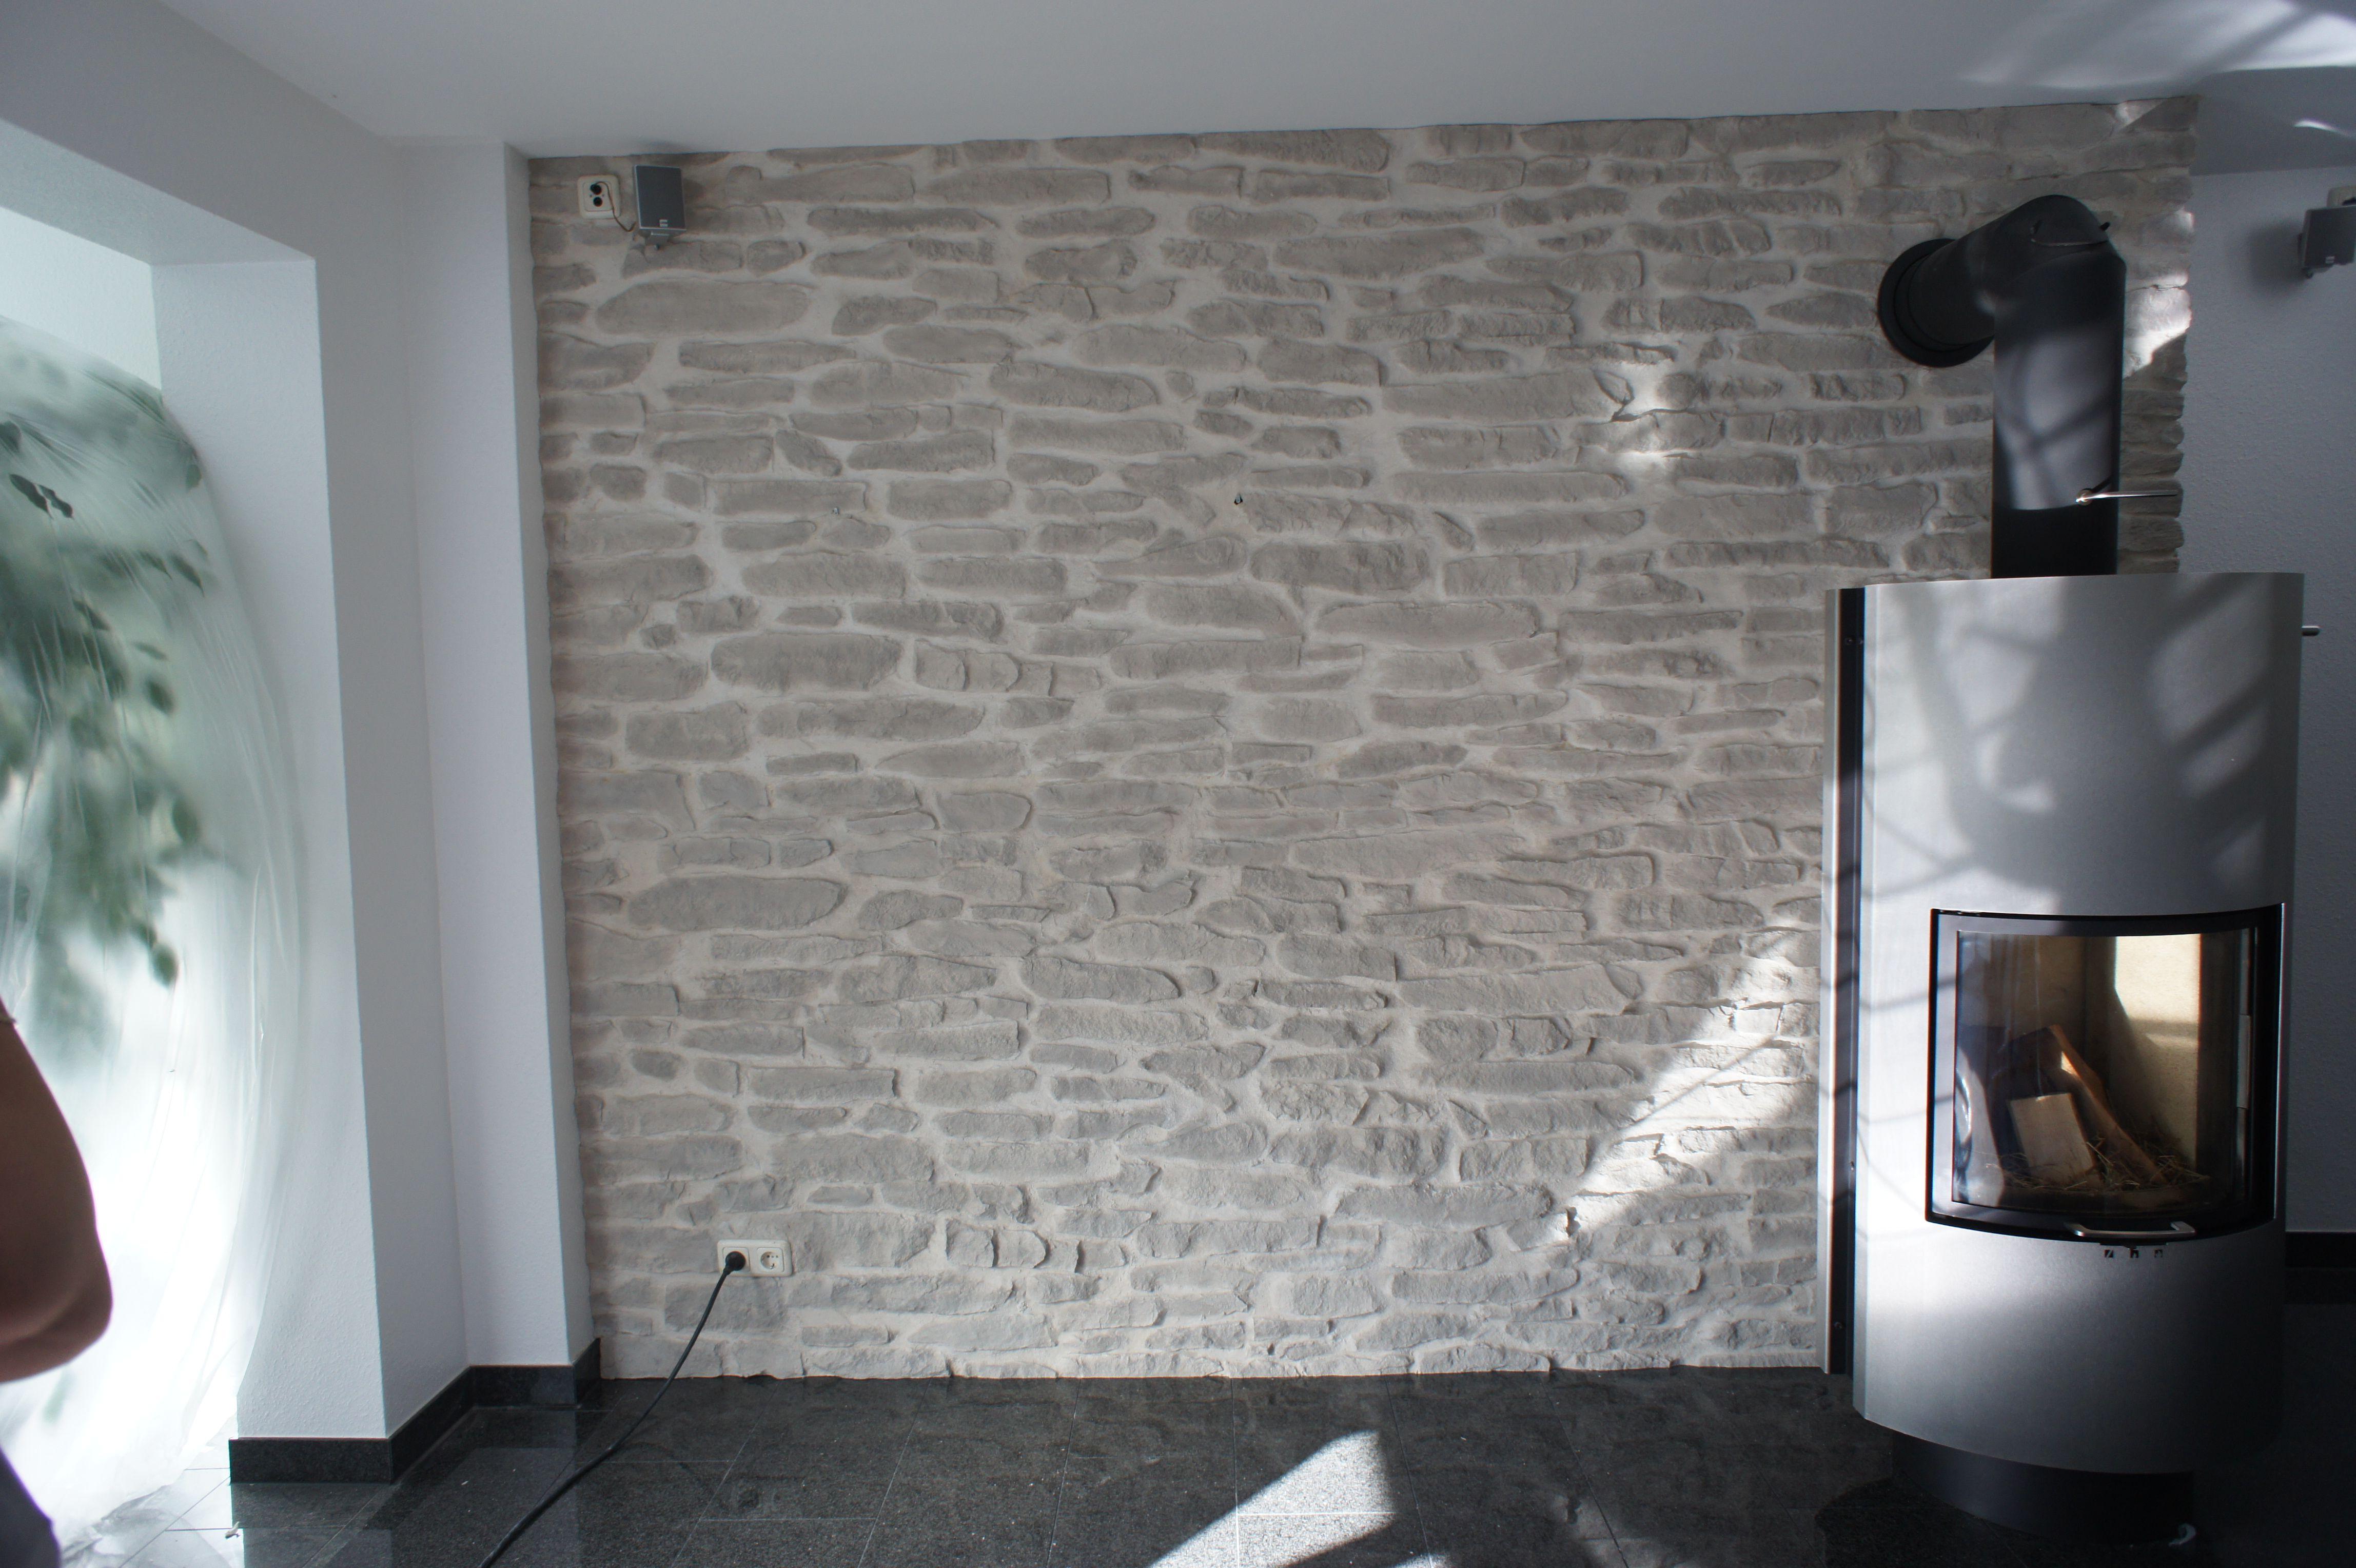 Schwedenofen Stein Wand Lajas Gris Steinwand Wohnzimmer Wandverkleidung Wandverkleidung Steinoptik